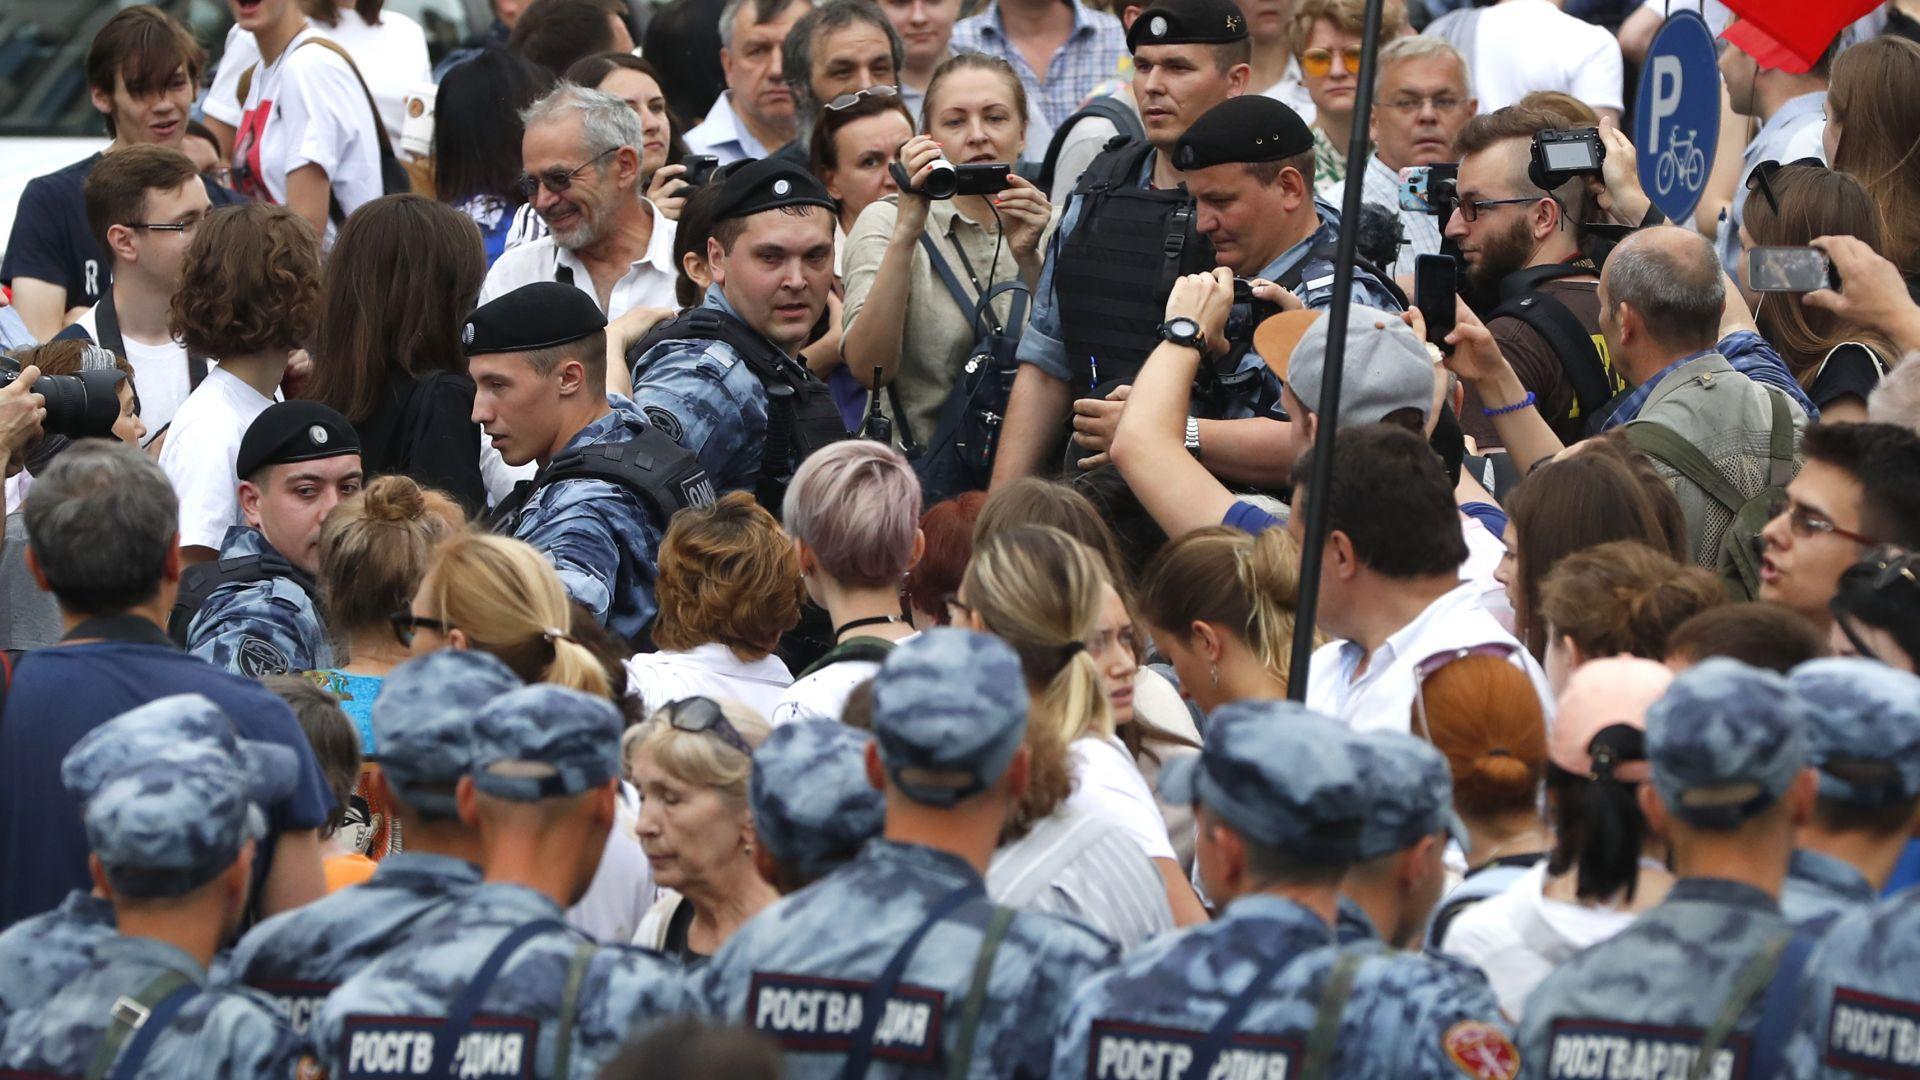 Стотици арестувани на протест за Голунов в Москва, сред тях и Навални (снимки)